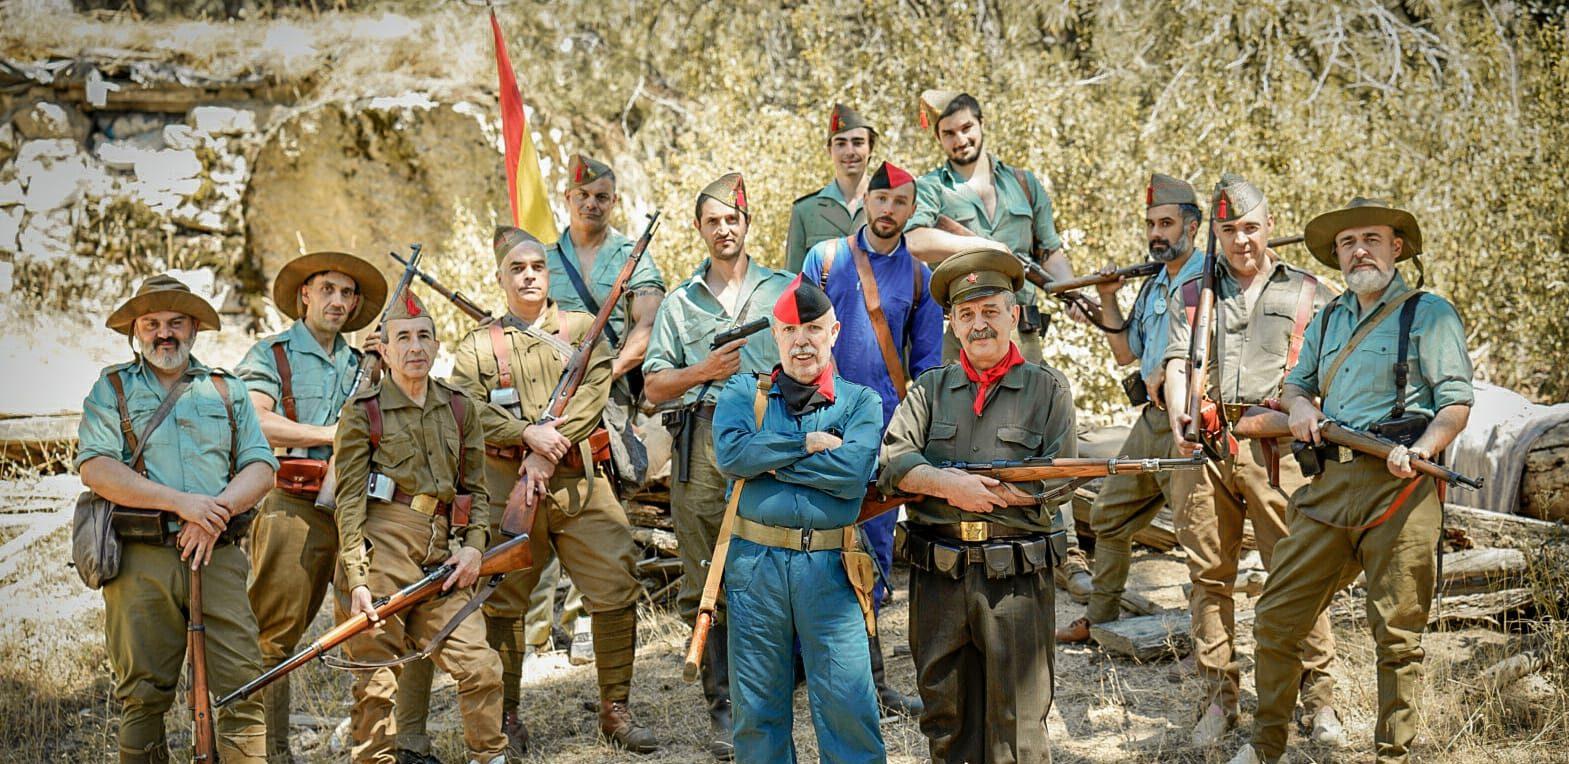 ¡Acción! Cien años de la Legión Española